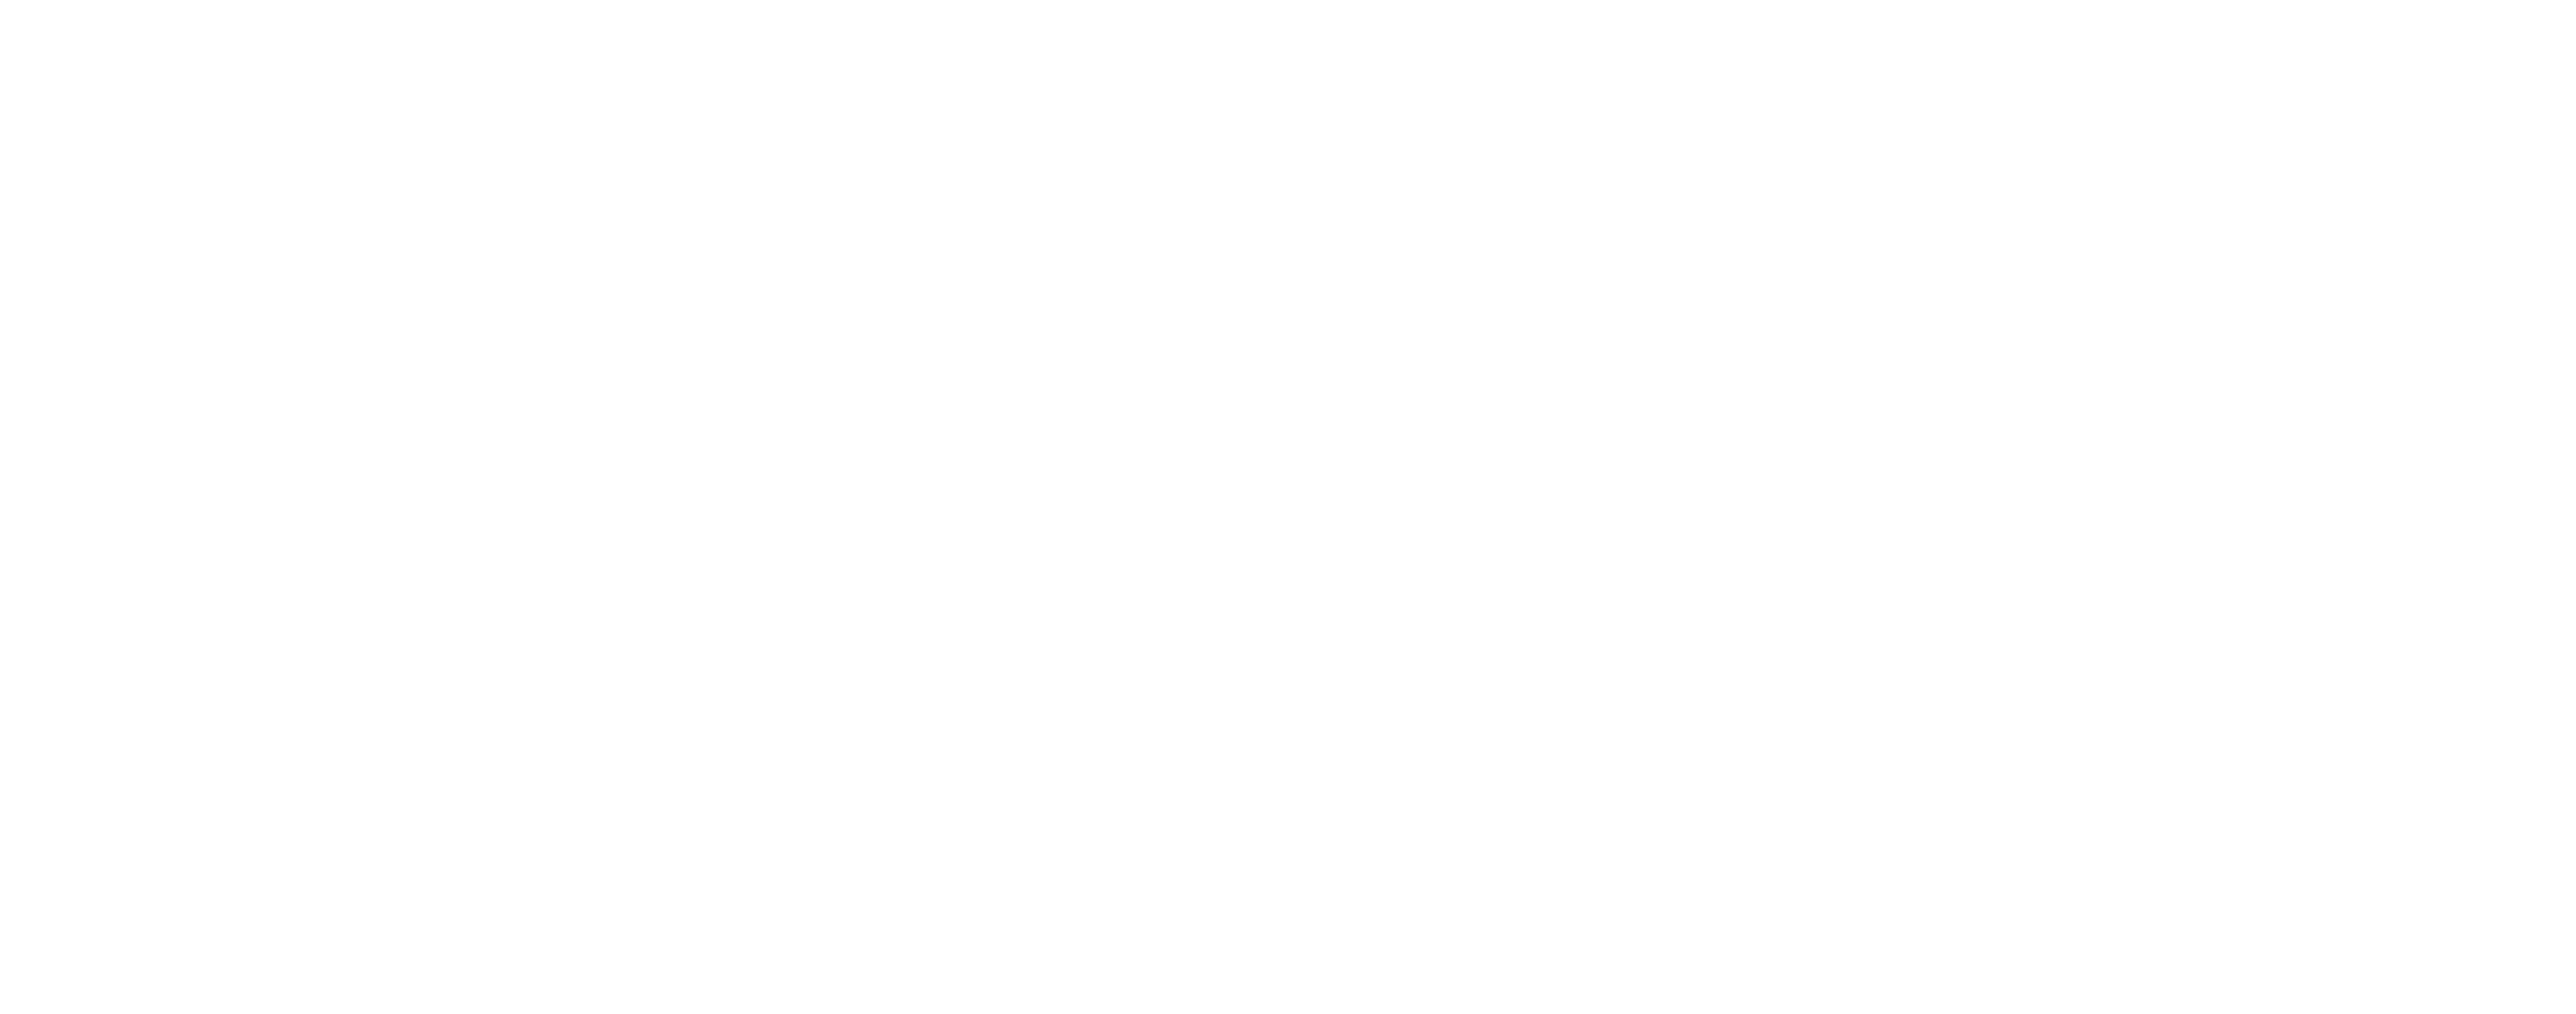 Decorative clip art image. Lace png images